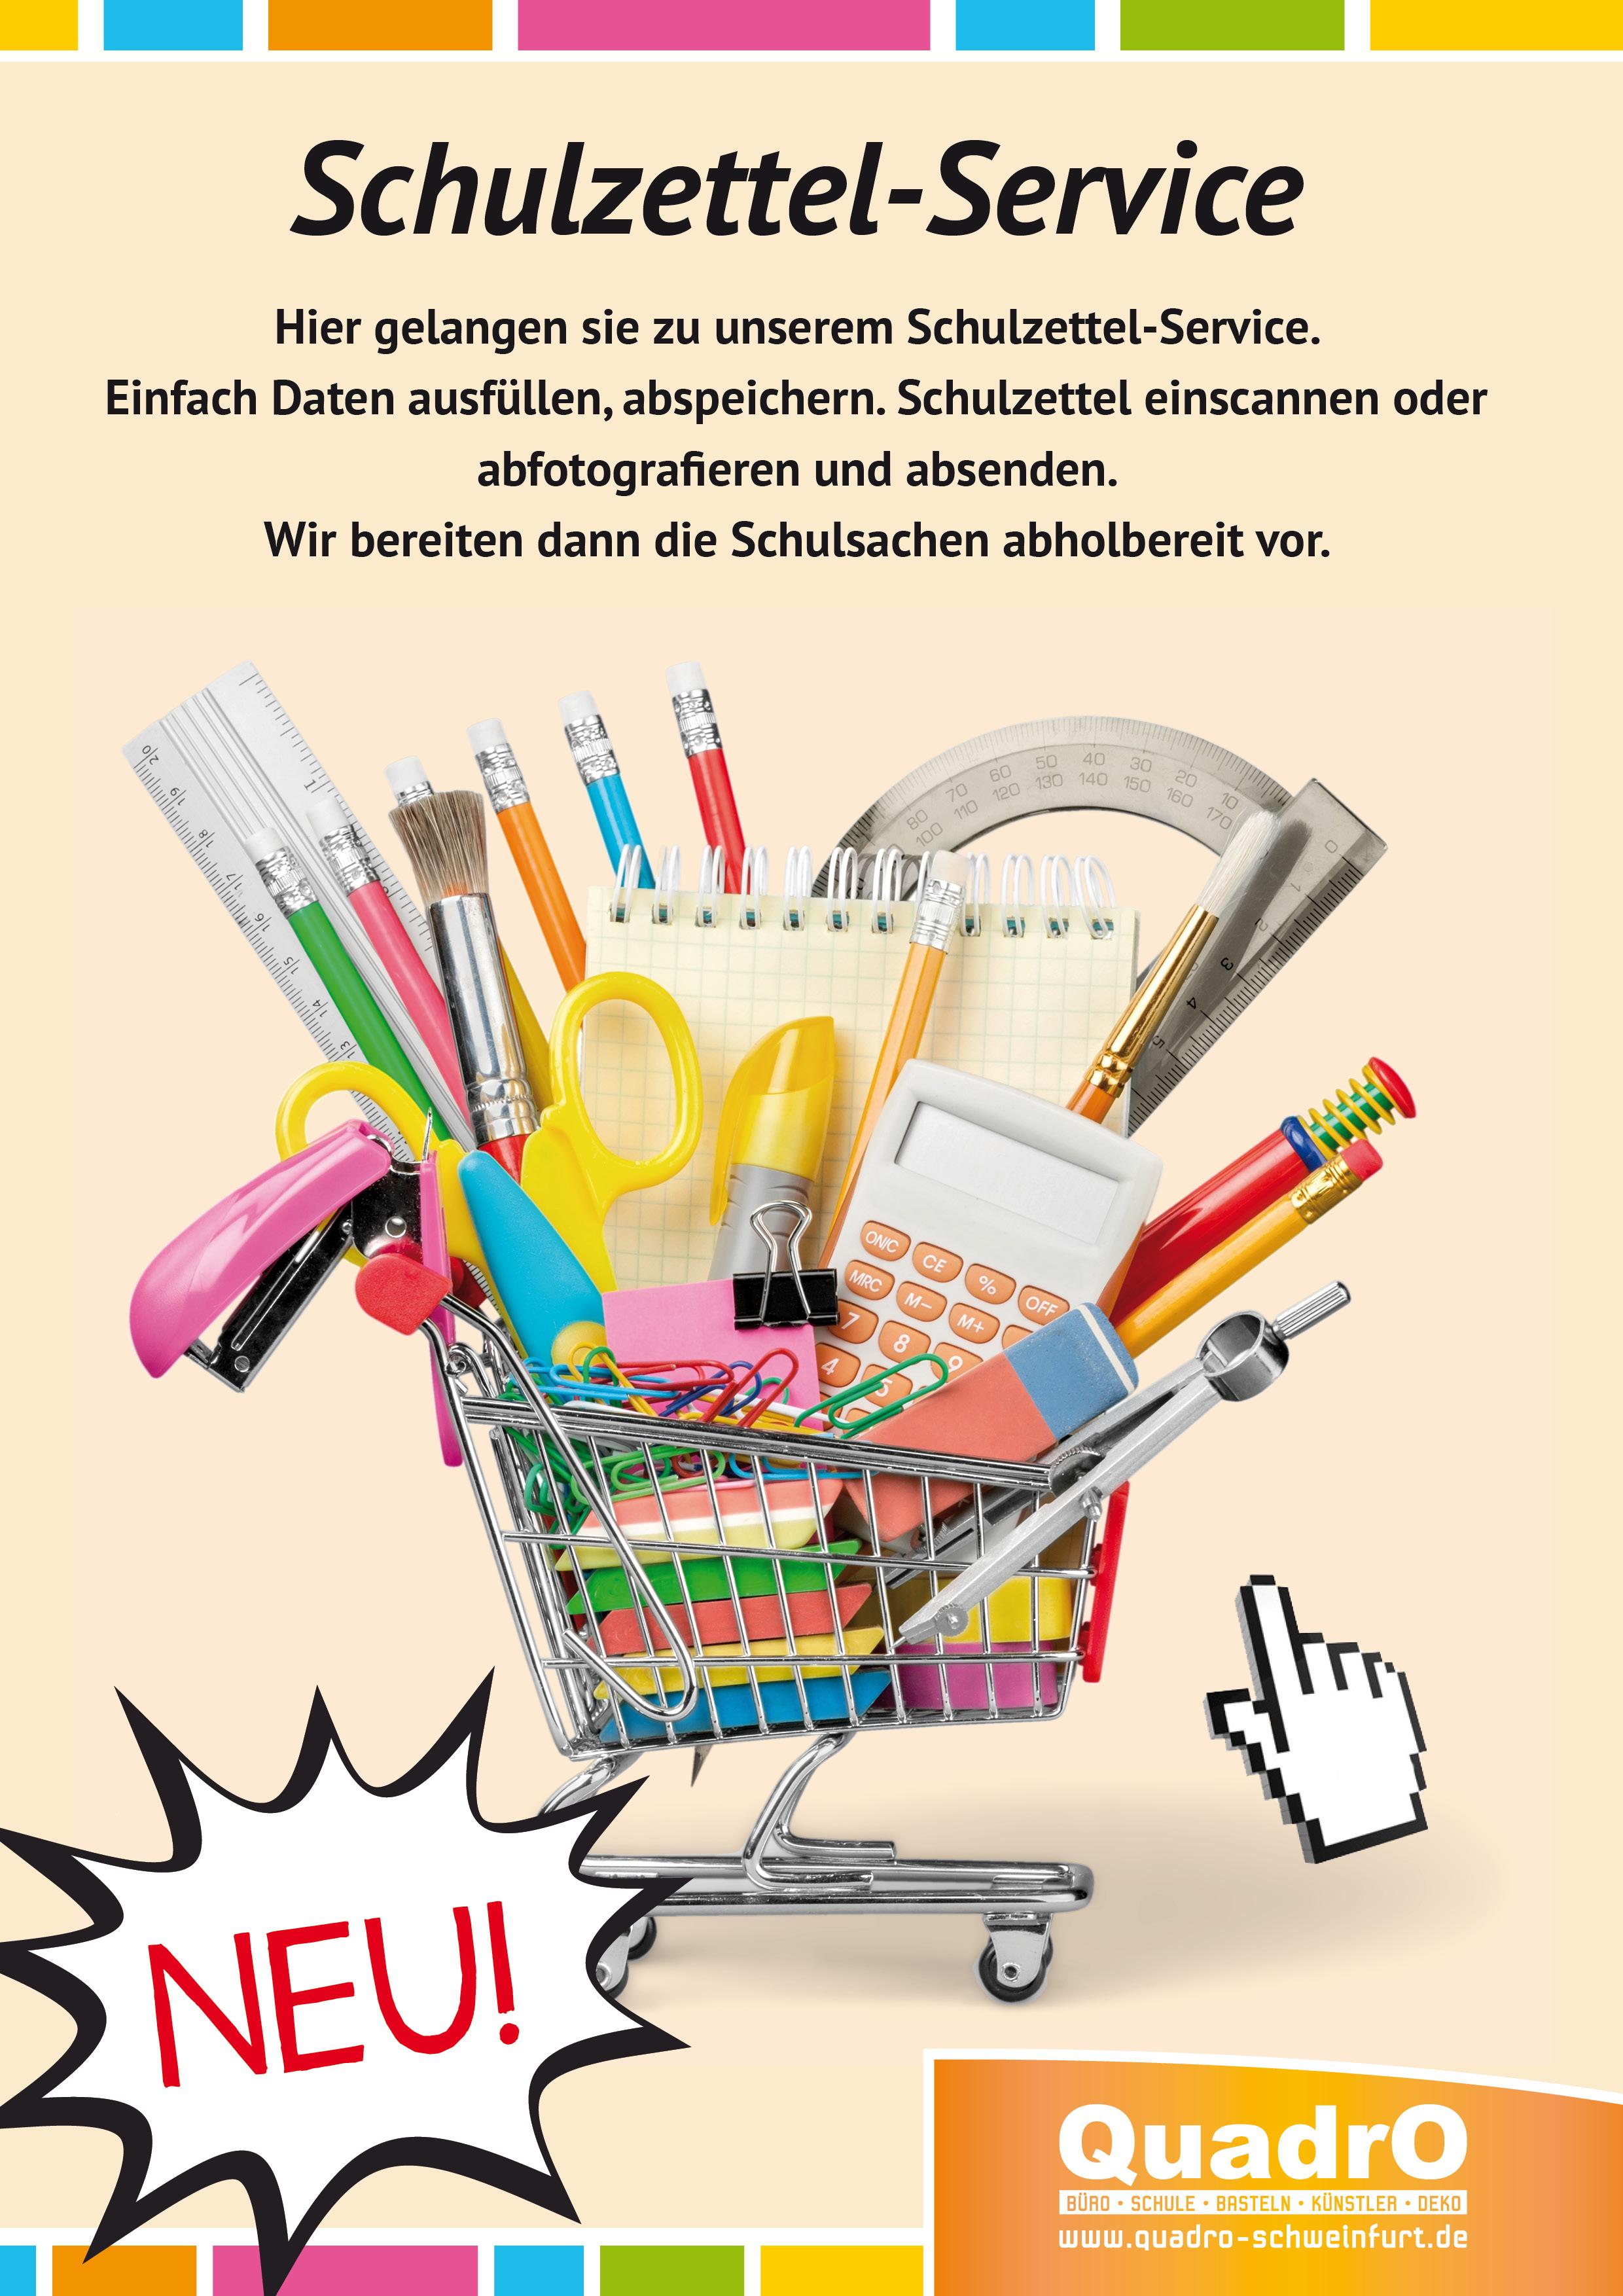 Schulzettel, Einkaufen, Service